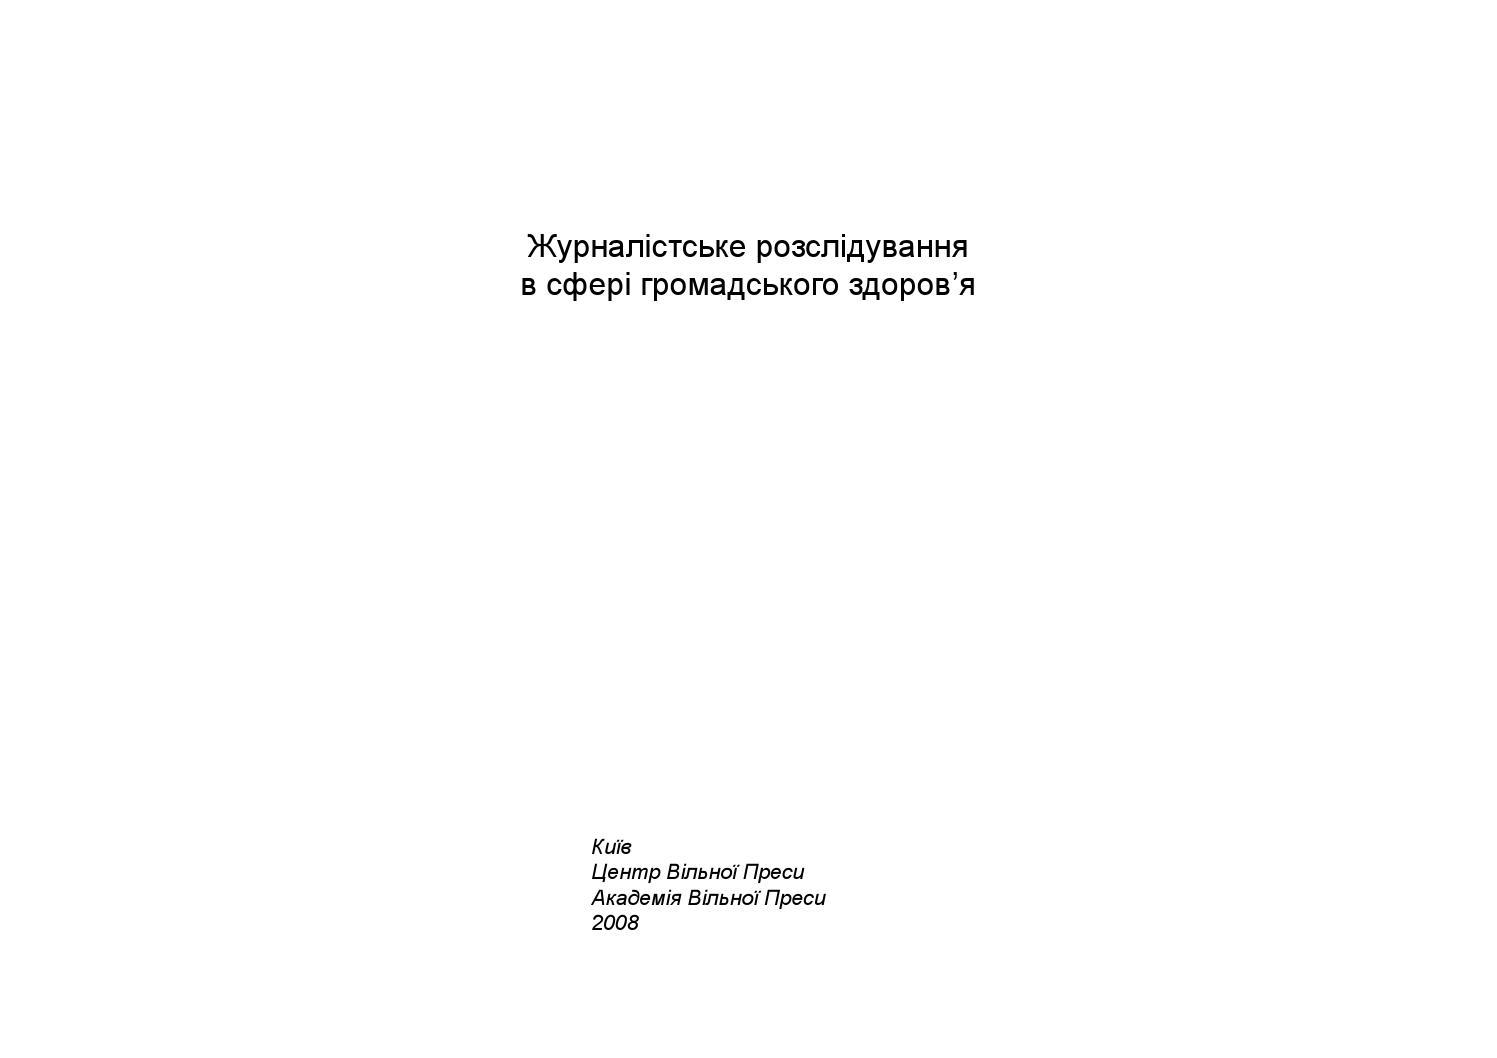 Журналістське розслідування в сфері громадського здоров я by Academy of  Ukrainian Press - issuu 1d58ca8ba51c8